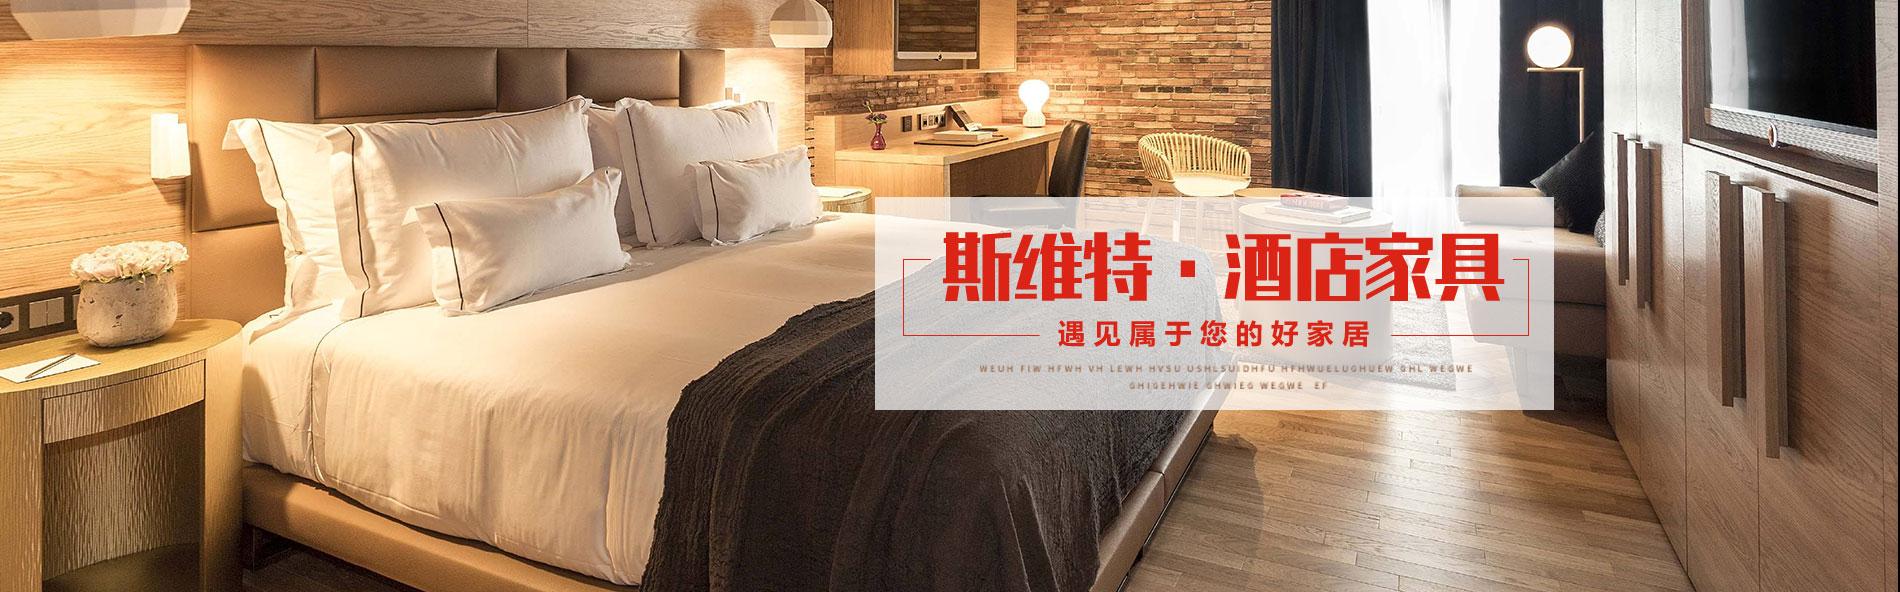 酒店家具-酒店ballbet贝博注册-河南斯维特家具